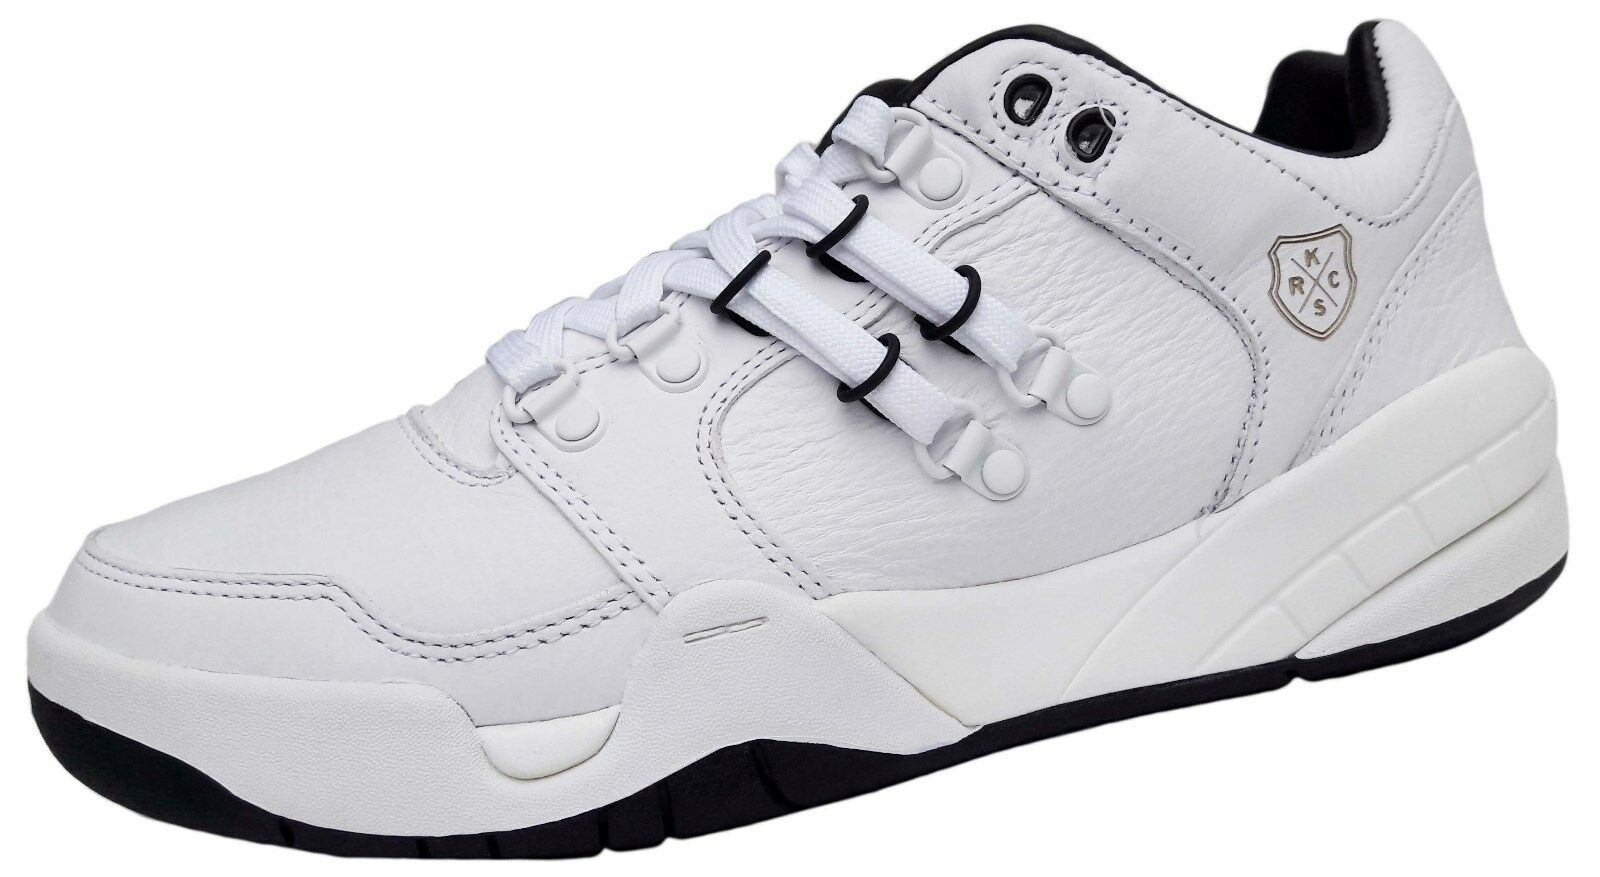 K-Swiss sl-18 Intl Nouveau Lux Femmes Cuir Basket Taille 35,5 Chaussures De Loisirs Large NEUF